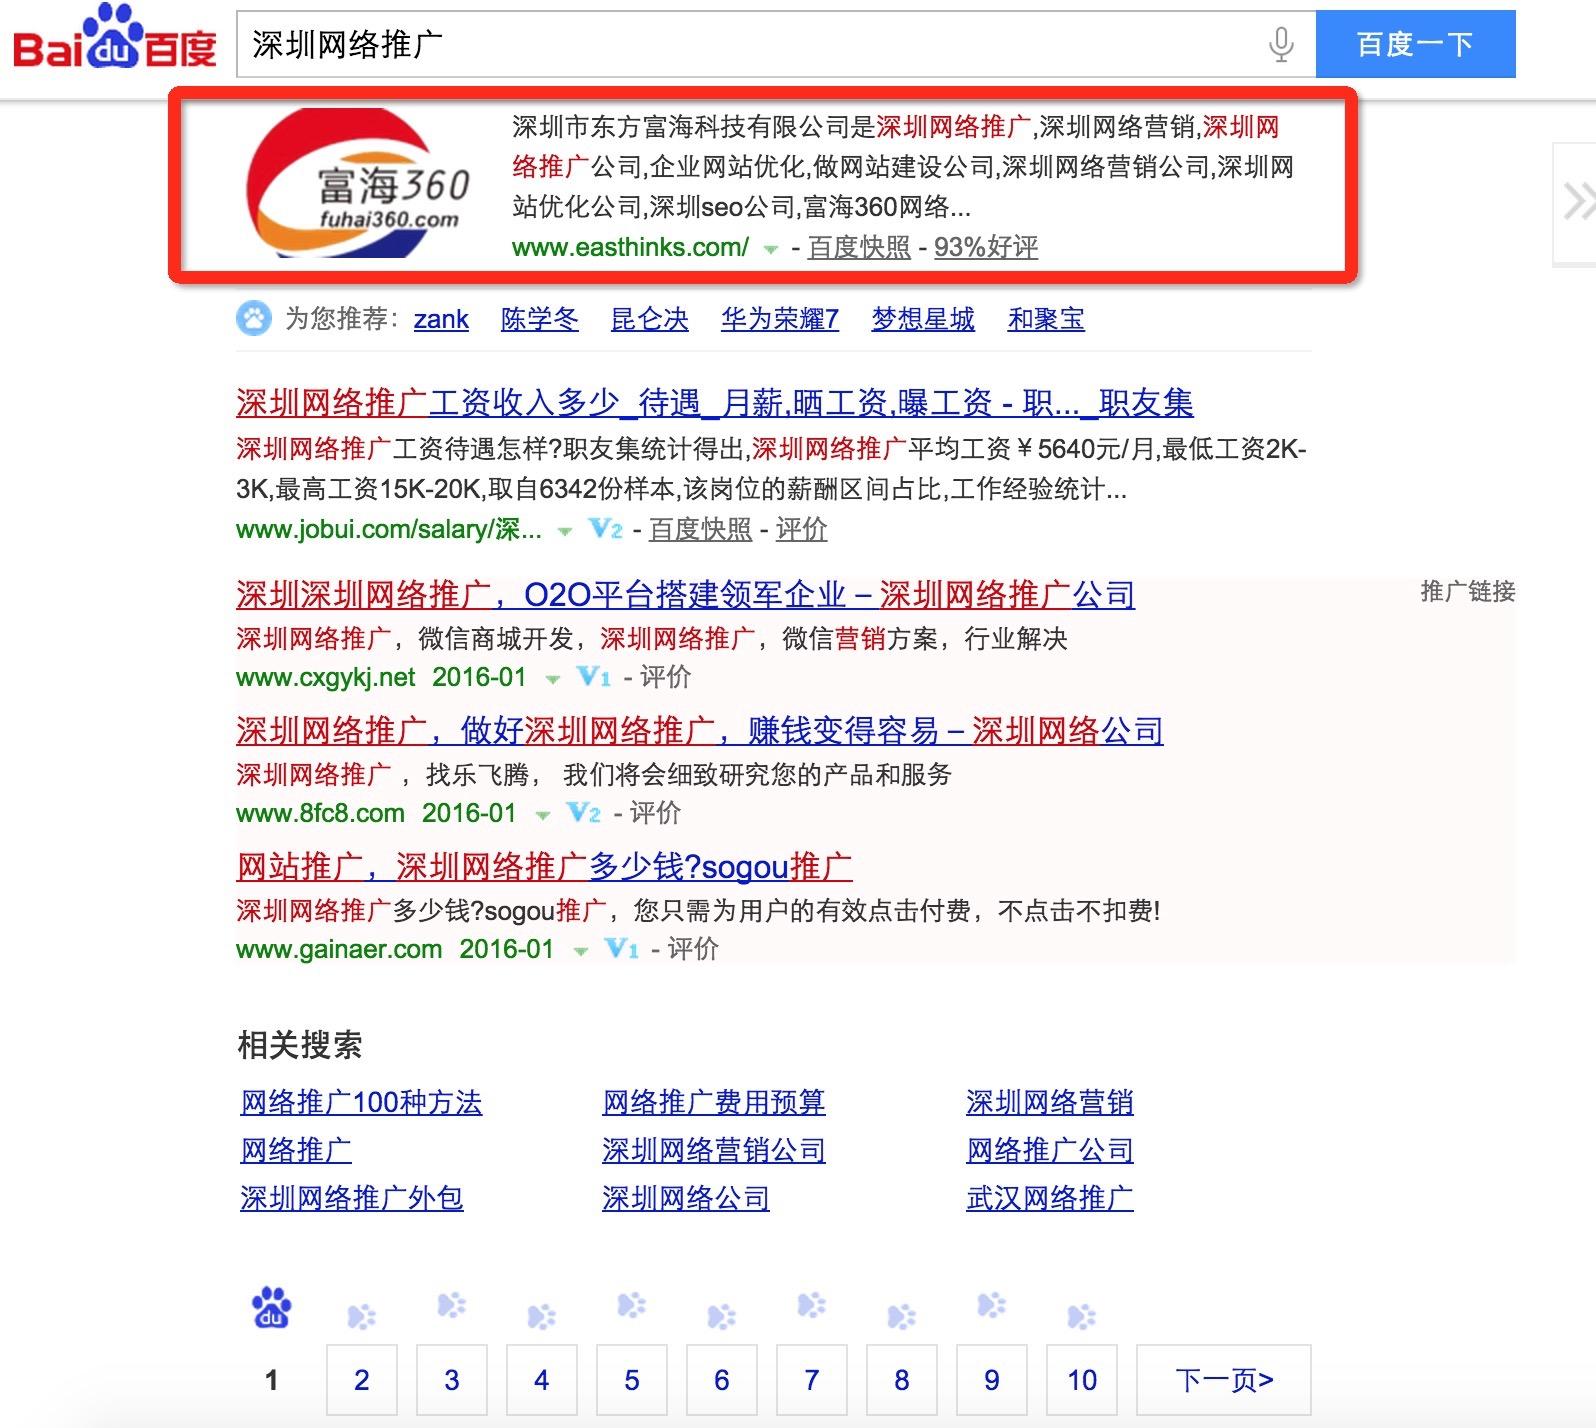 深圳网络推广排名首页富海360总部自己网站部分排名截图如下所示